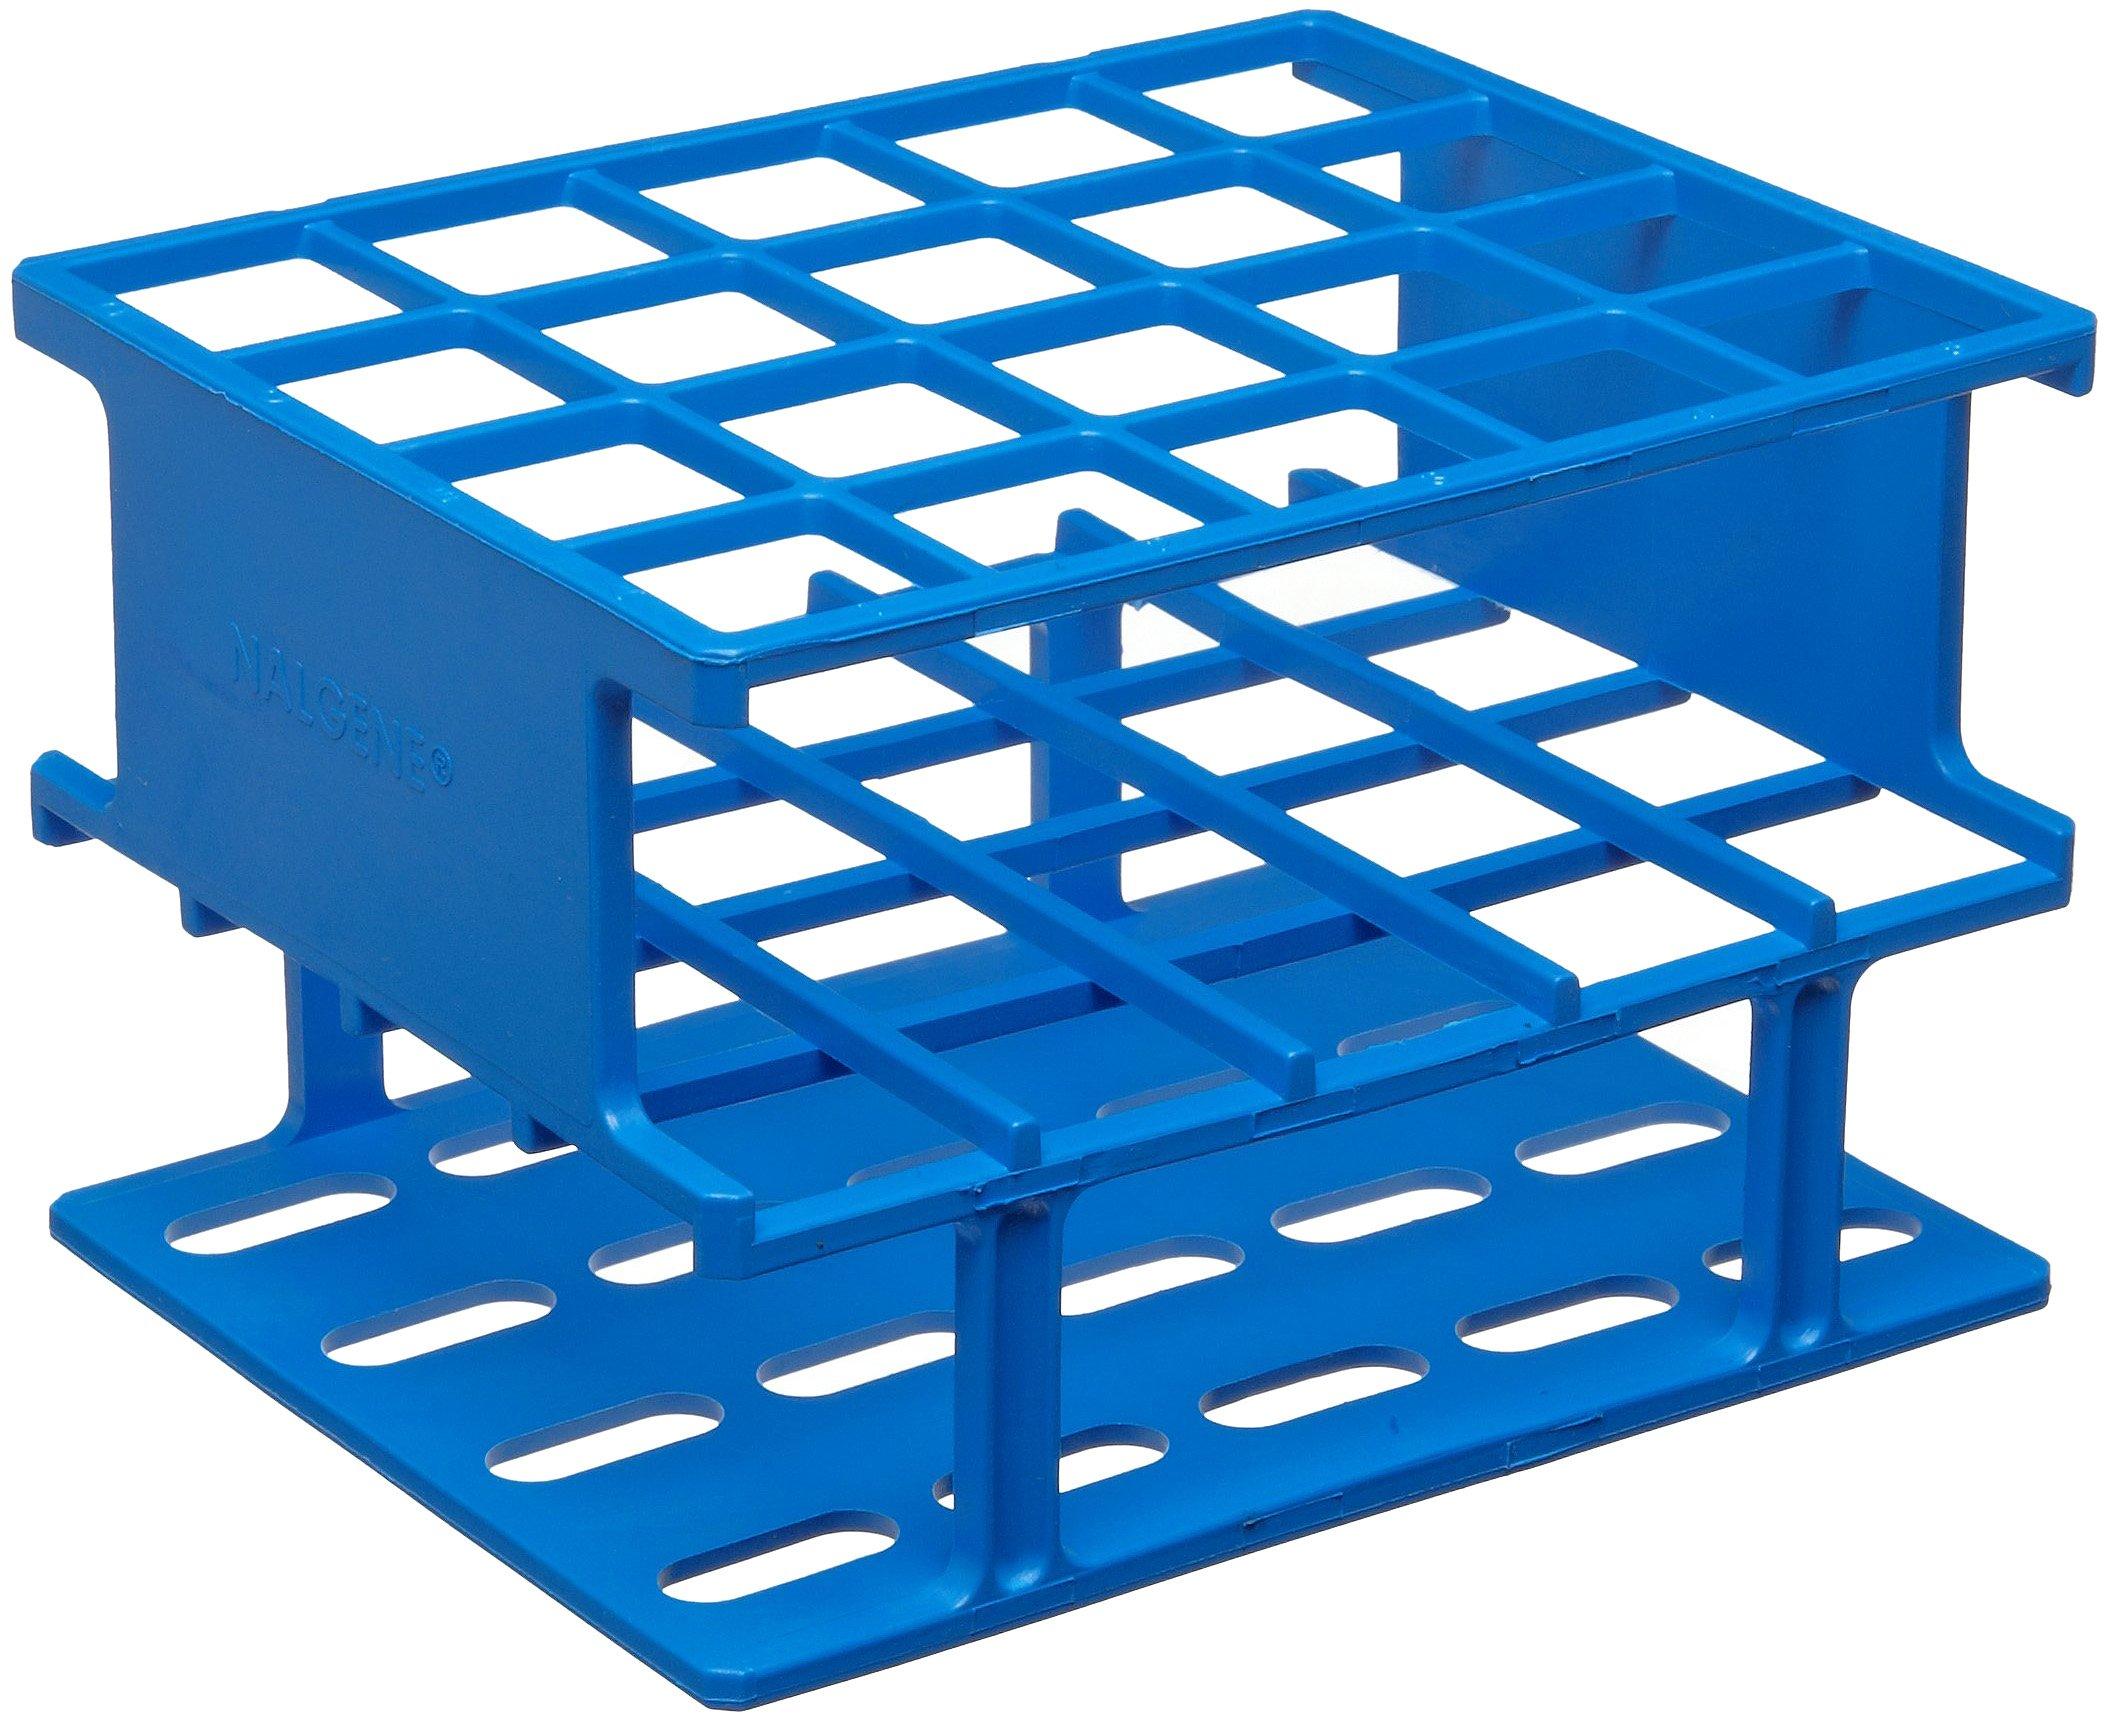 Nalgene 5972-0320 Acetal Plastic Unwire Test Tube Half Rack for 20mm Test Tubes, Blue by Nalgene